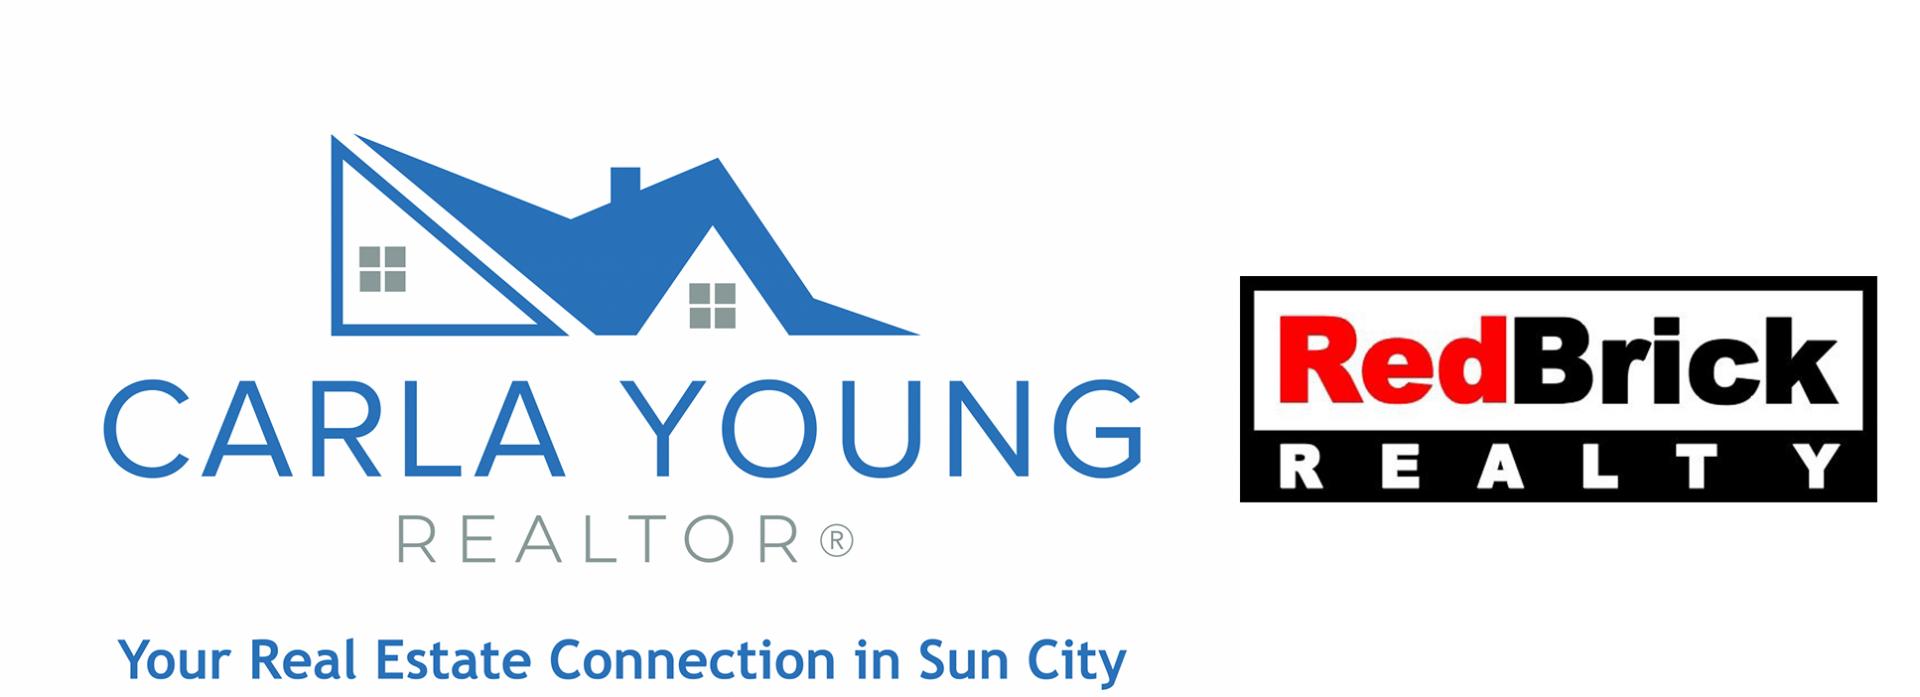 Carla Young Realtor® logo